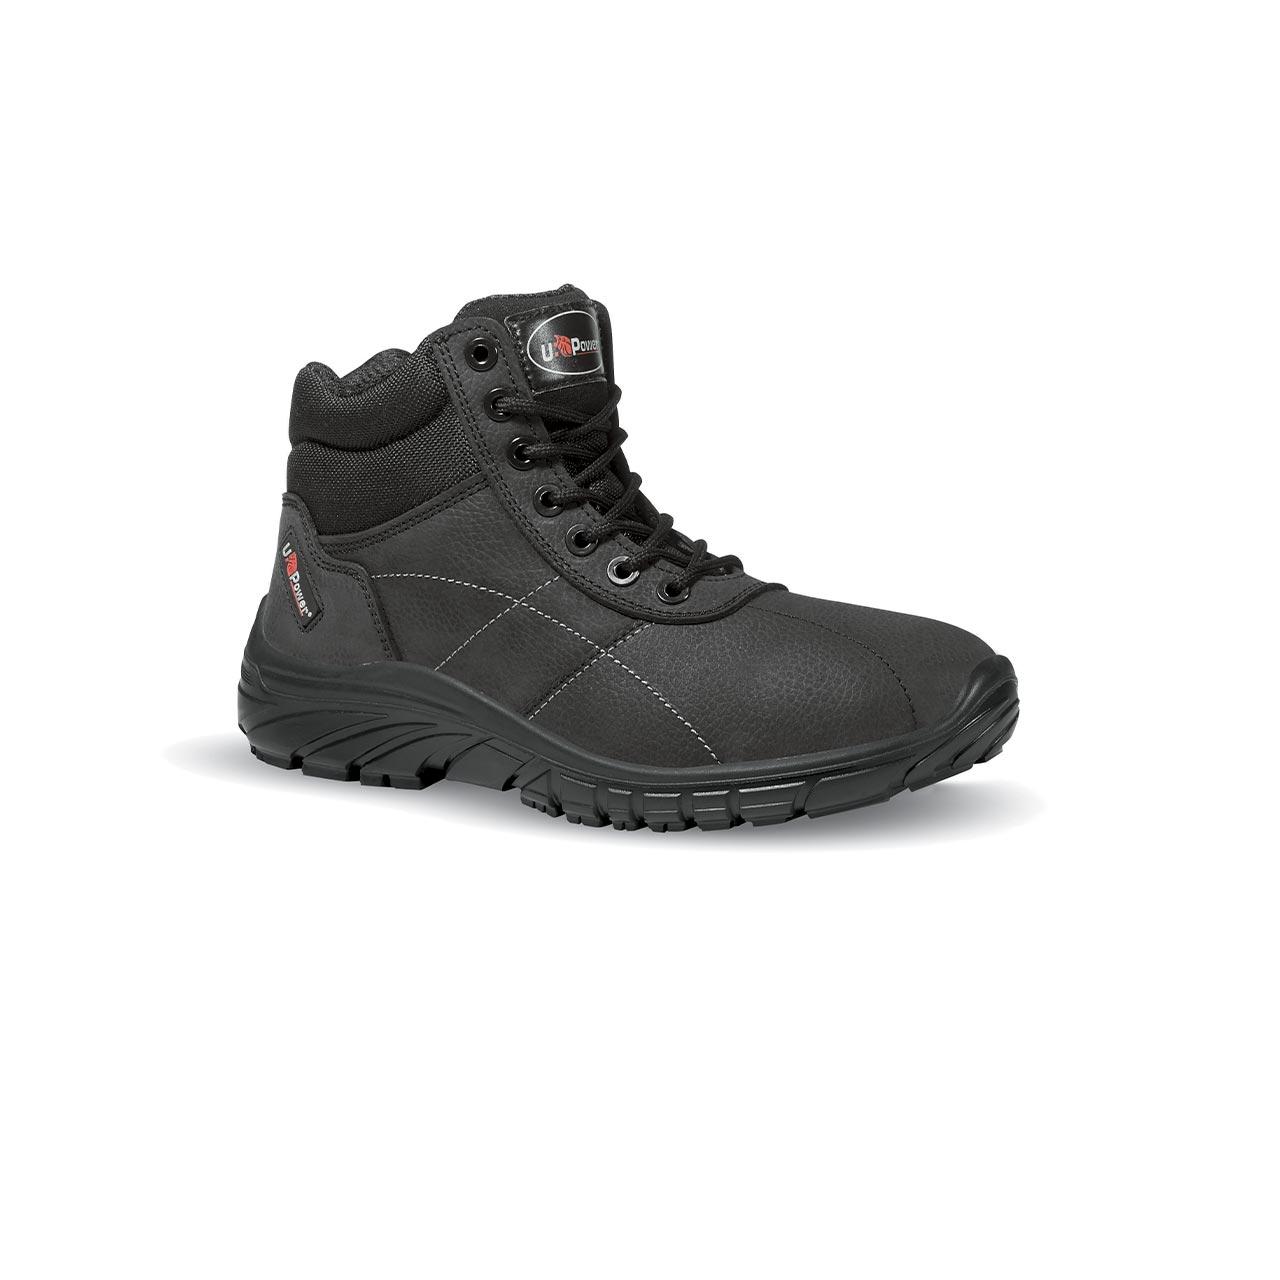 scarpa antinfortunistica upower modello stinggrip linea professional vista laterale